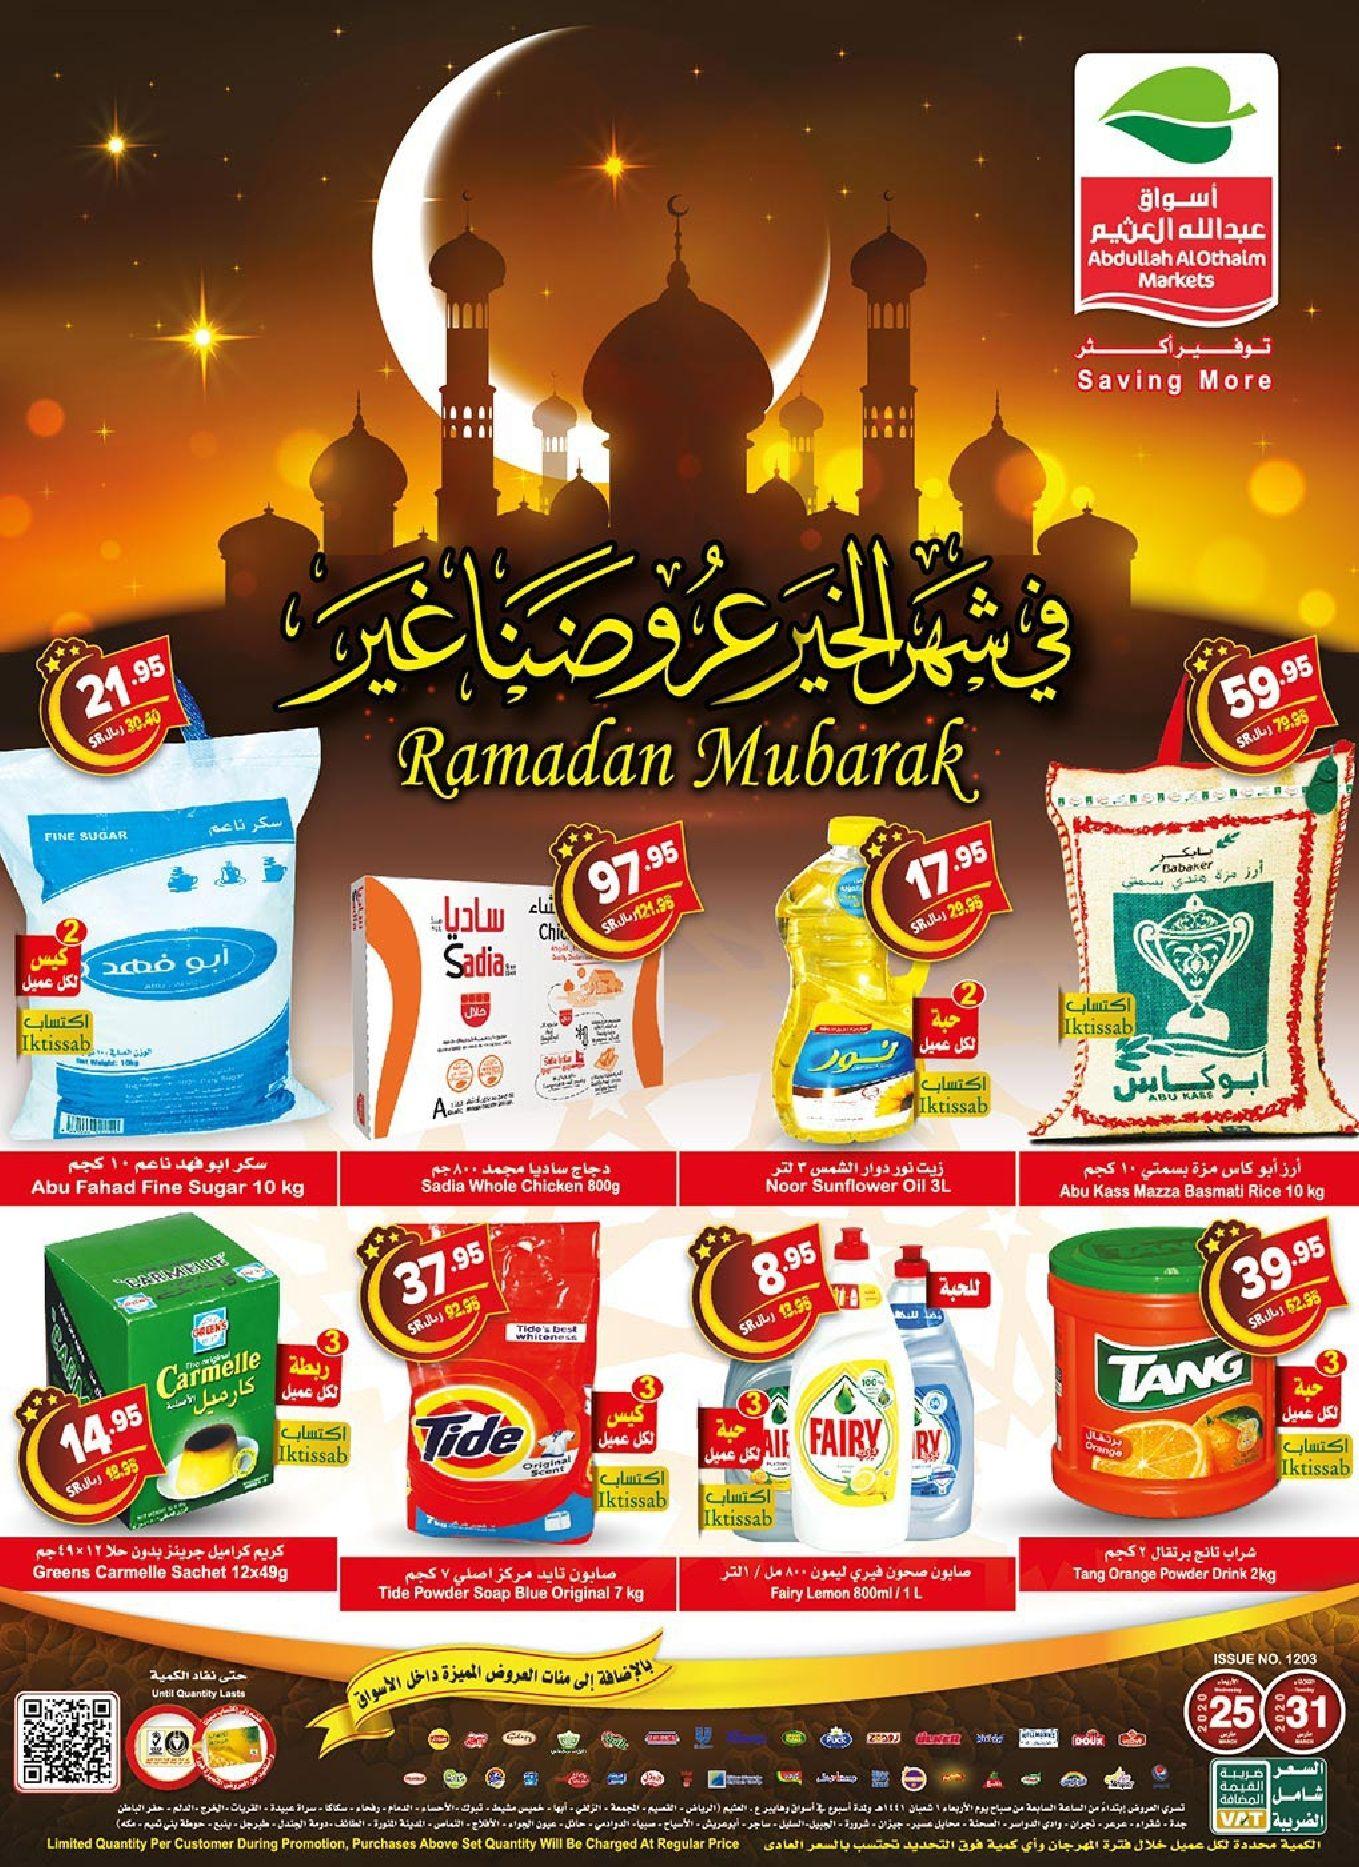 عروض رمضان عروض العثيم الاسبوعية الاربعاء 25 مارس 2020 شهر الخير عروض اليوم Orange Drinks Frosted Flakes Cereal Box Custard Powder